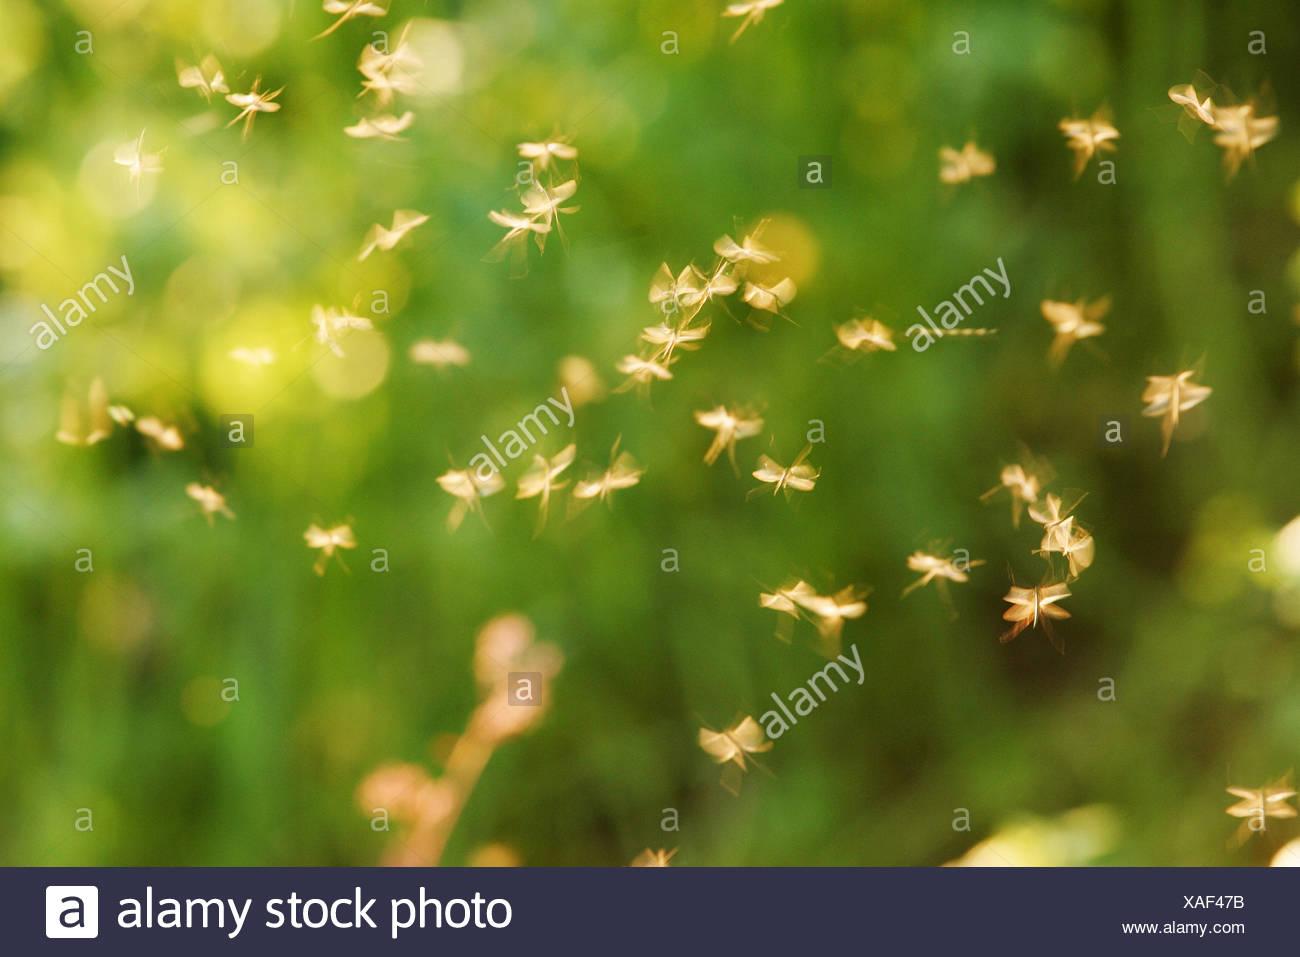 Enjambre de mosquitos, Back Light, insectos, Stechmücken, mosquitos, mosquitos, Culicidae Gelsen chupasangres, vectores, plagas, pequeño, diminuto, muchos, peso ligero, la facilidad, la fugacidad, zumbido, zumbido, volar tiresomely, la naturaleza, los animales, la luz posterior Imagen De Stock